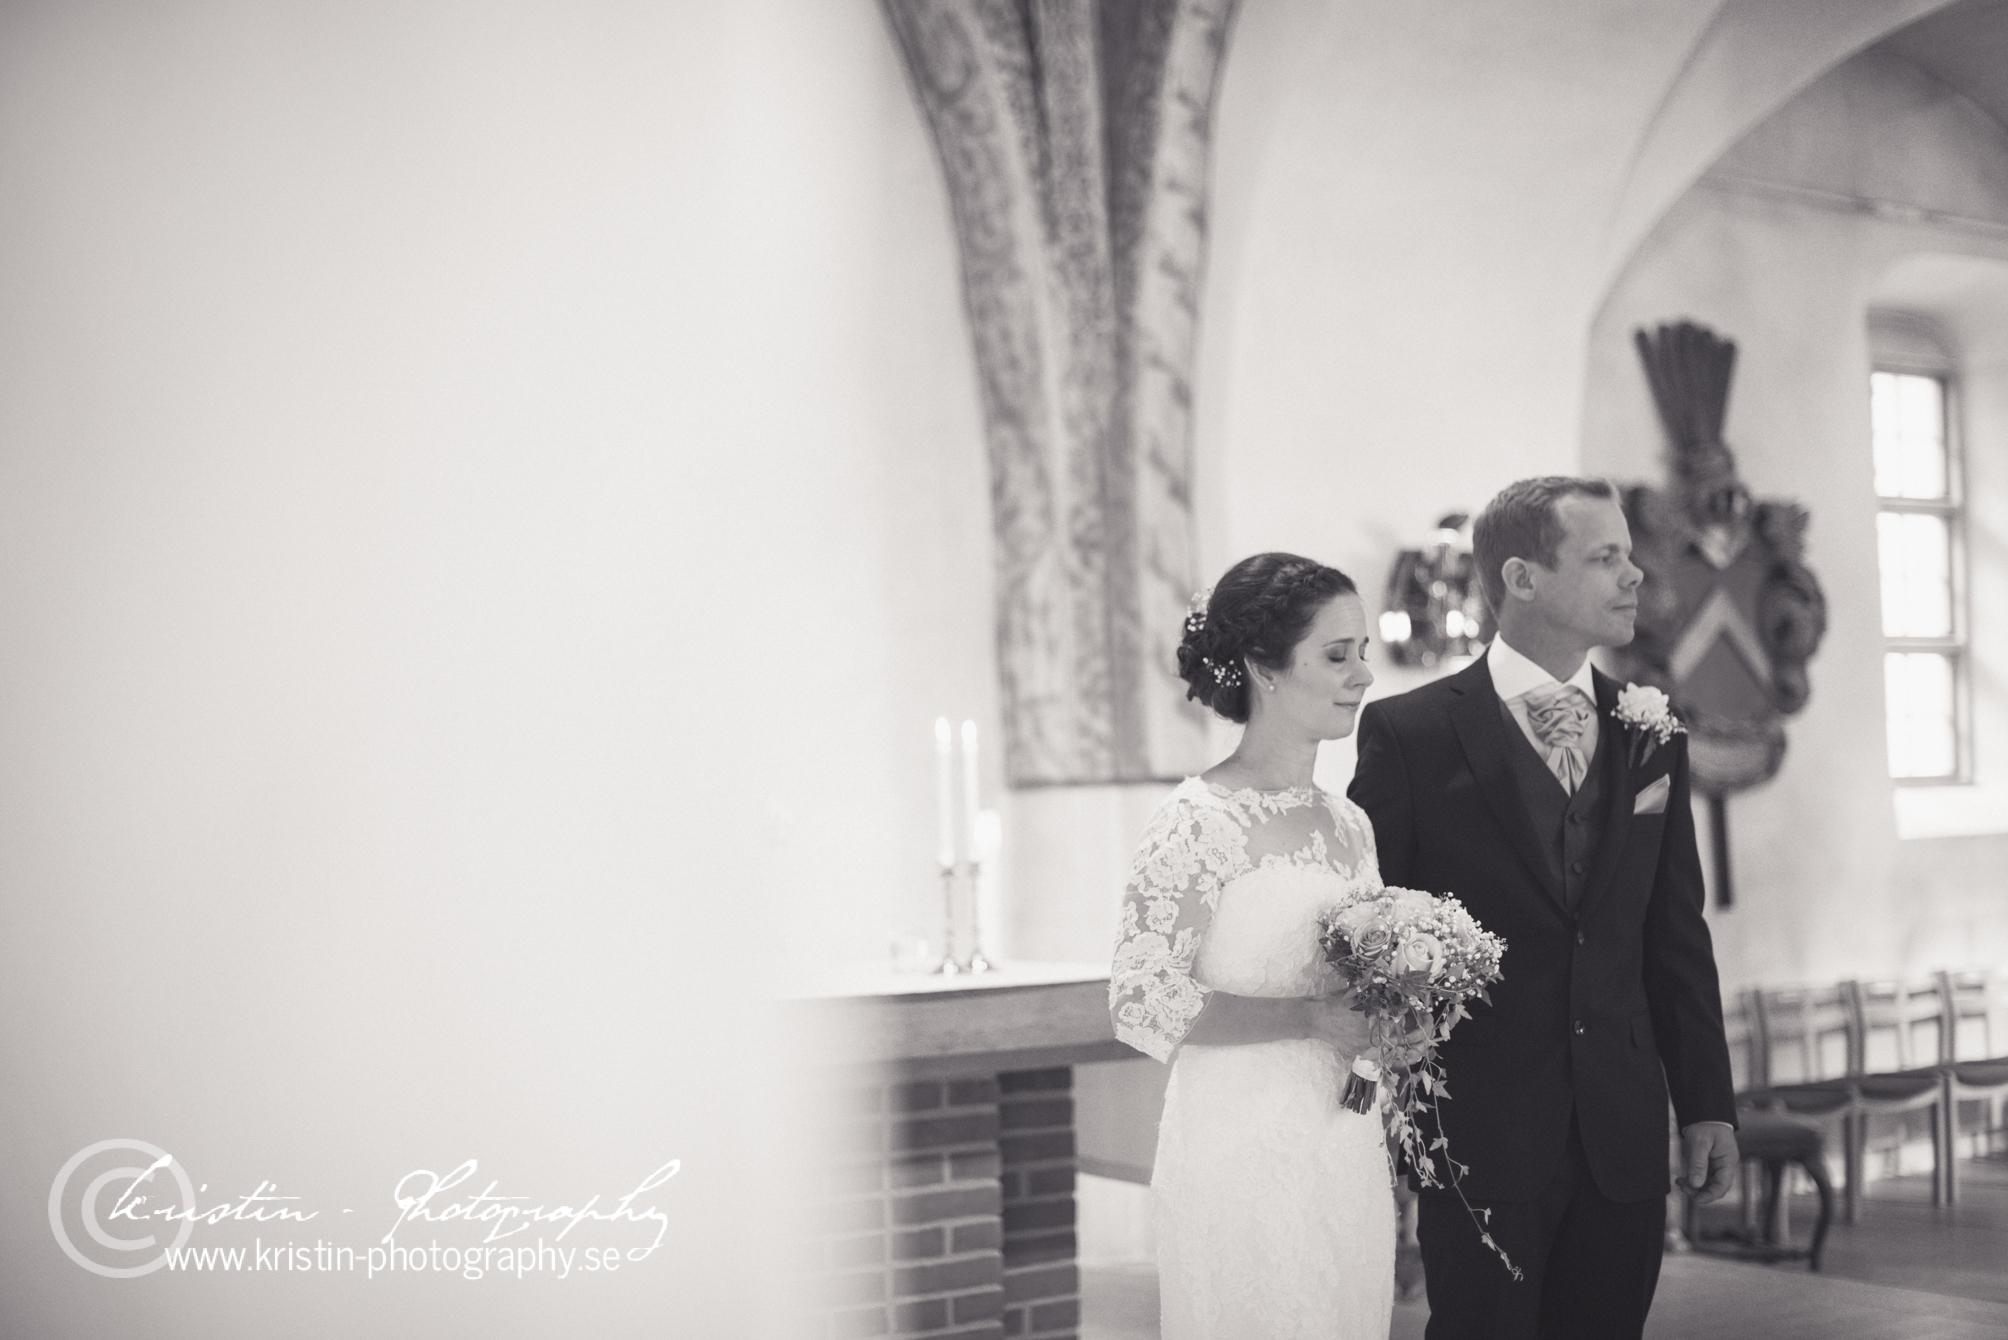 Bröllopsfotograf i Eskilstuna, Kristin - Photography, weddingphotographer -105.jpg